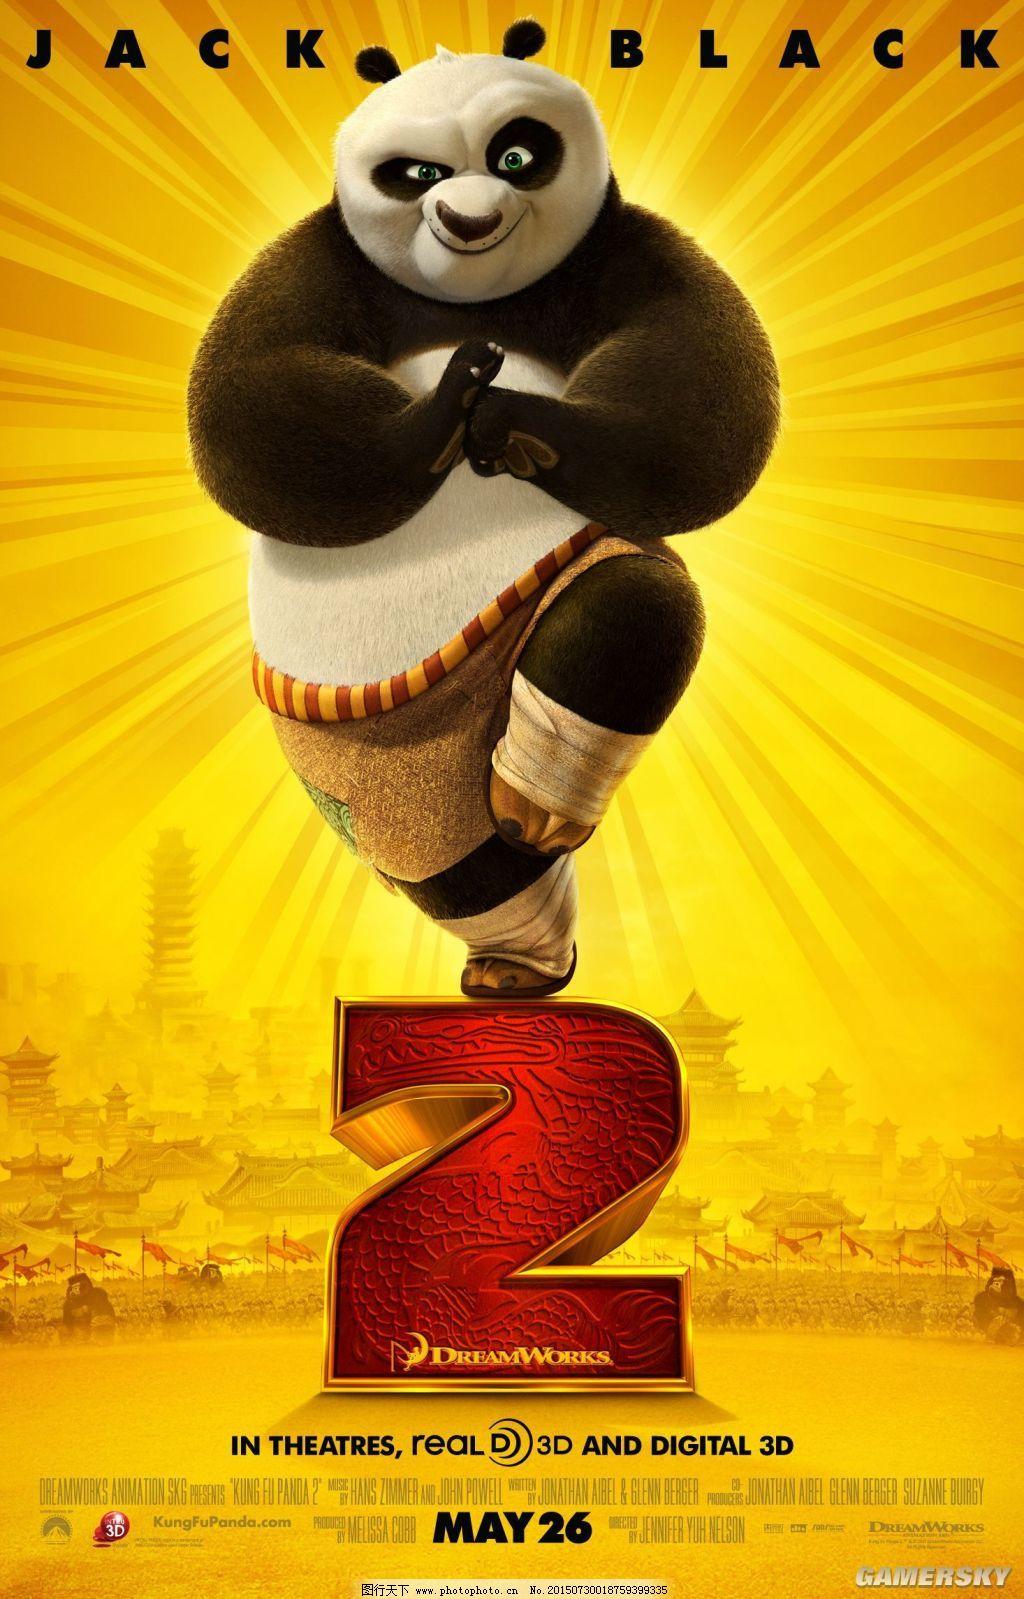 功夫熊猫 功夫熊猫免费下载 电影海报 动画 图片素材 卡通动漫可爱